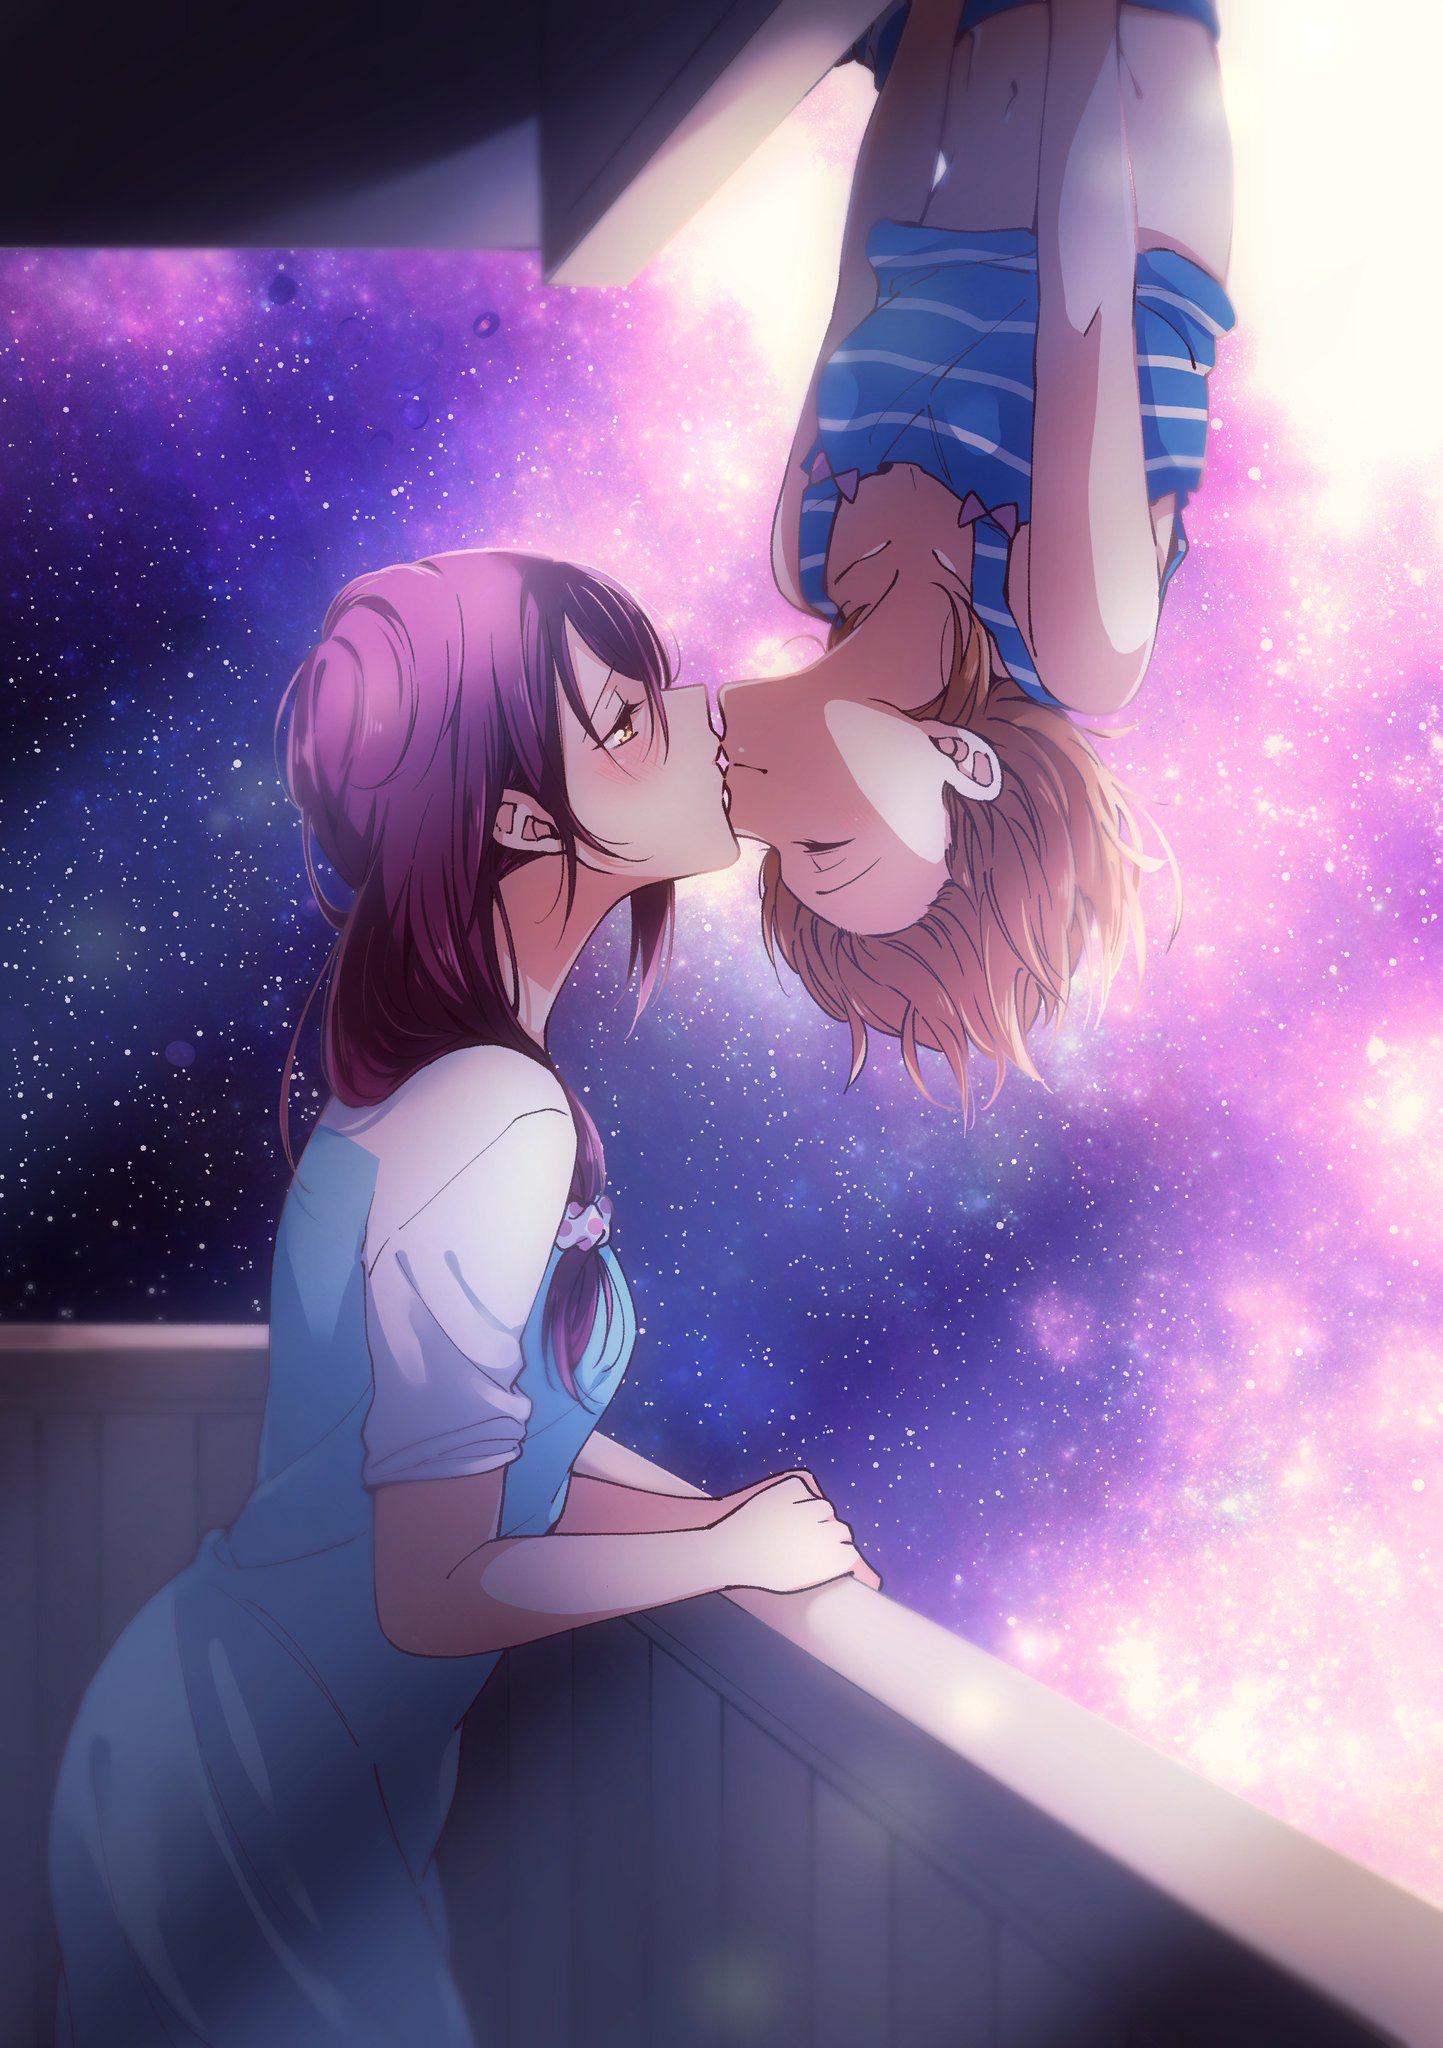 Pin By Kamisa Inu On Yuri Anime Yuri Anime Yuri